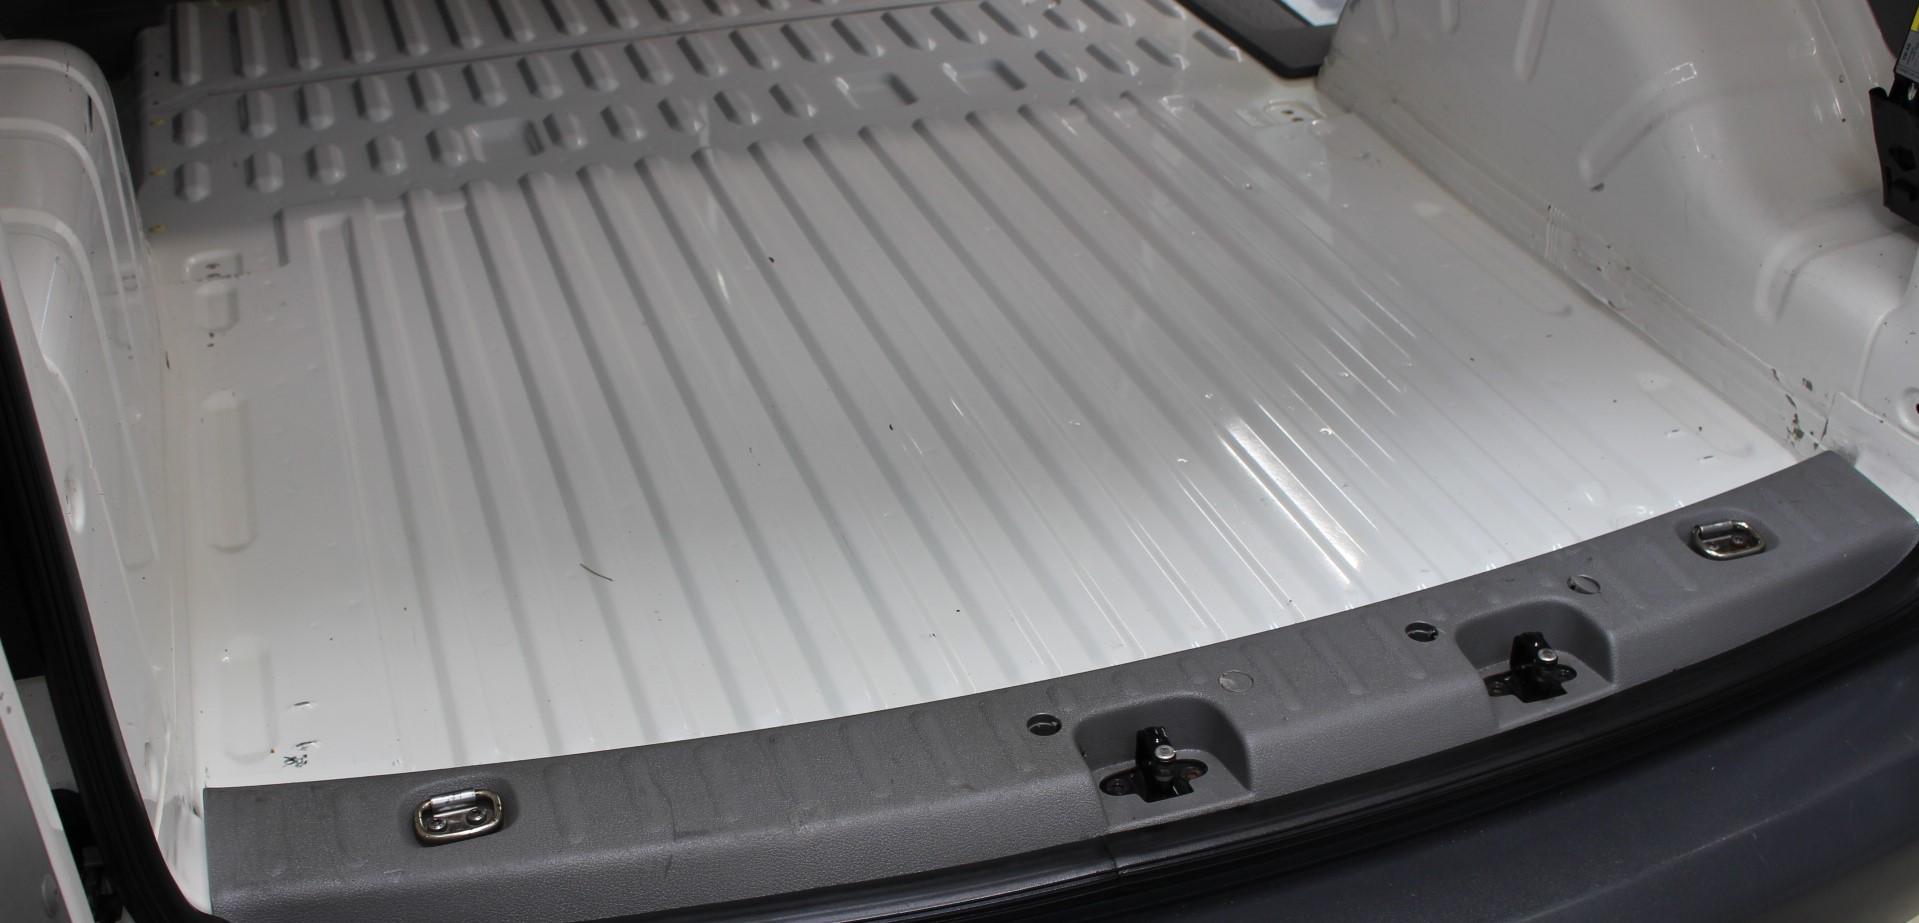 Kofferraum nach der Aufbereitung (ohne Spanplatte)